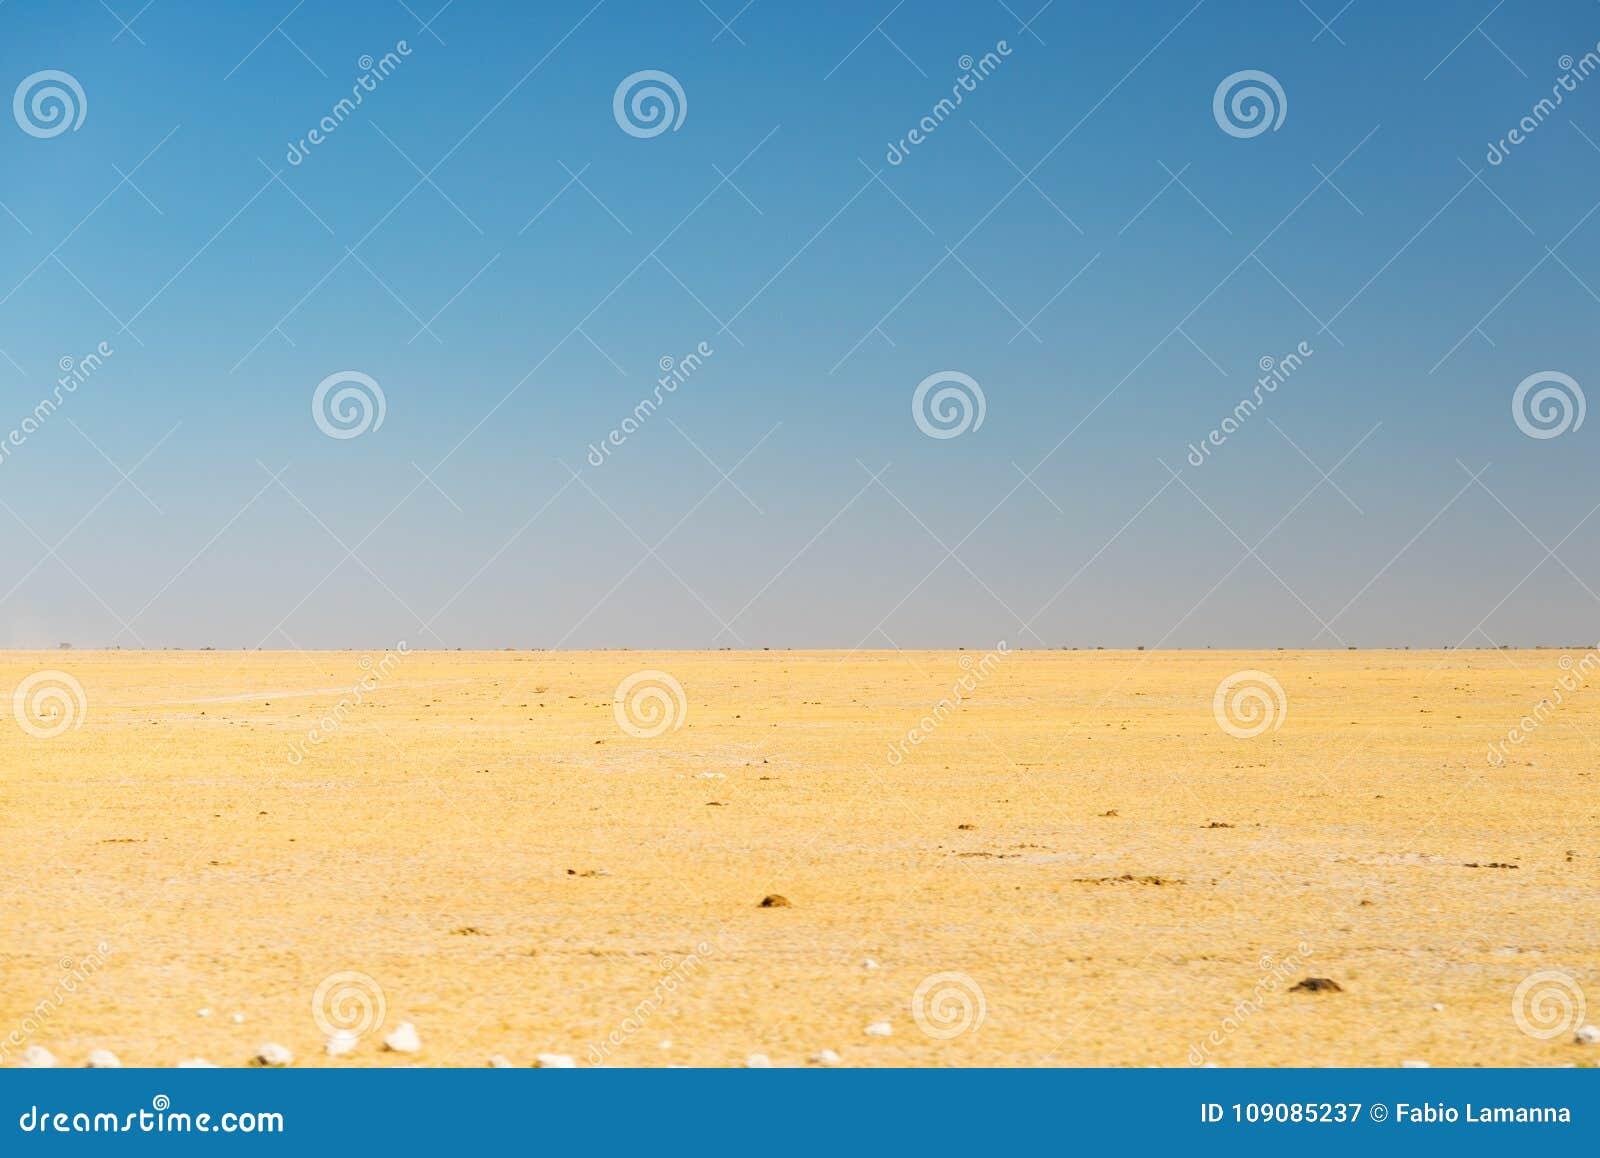 Den Kalahari öknen, saltar framlänges, inget var, den tomma slätten, klar himmel, vägtur i Botswana, loppdestination i Afrika